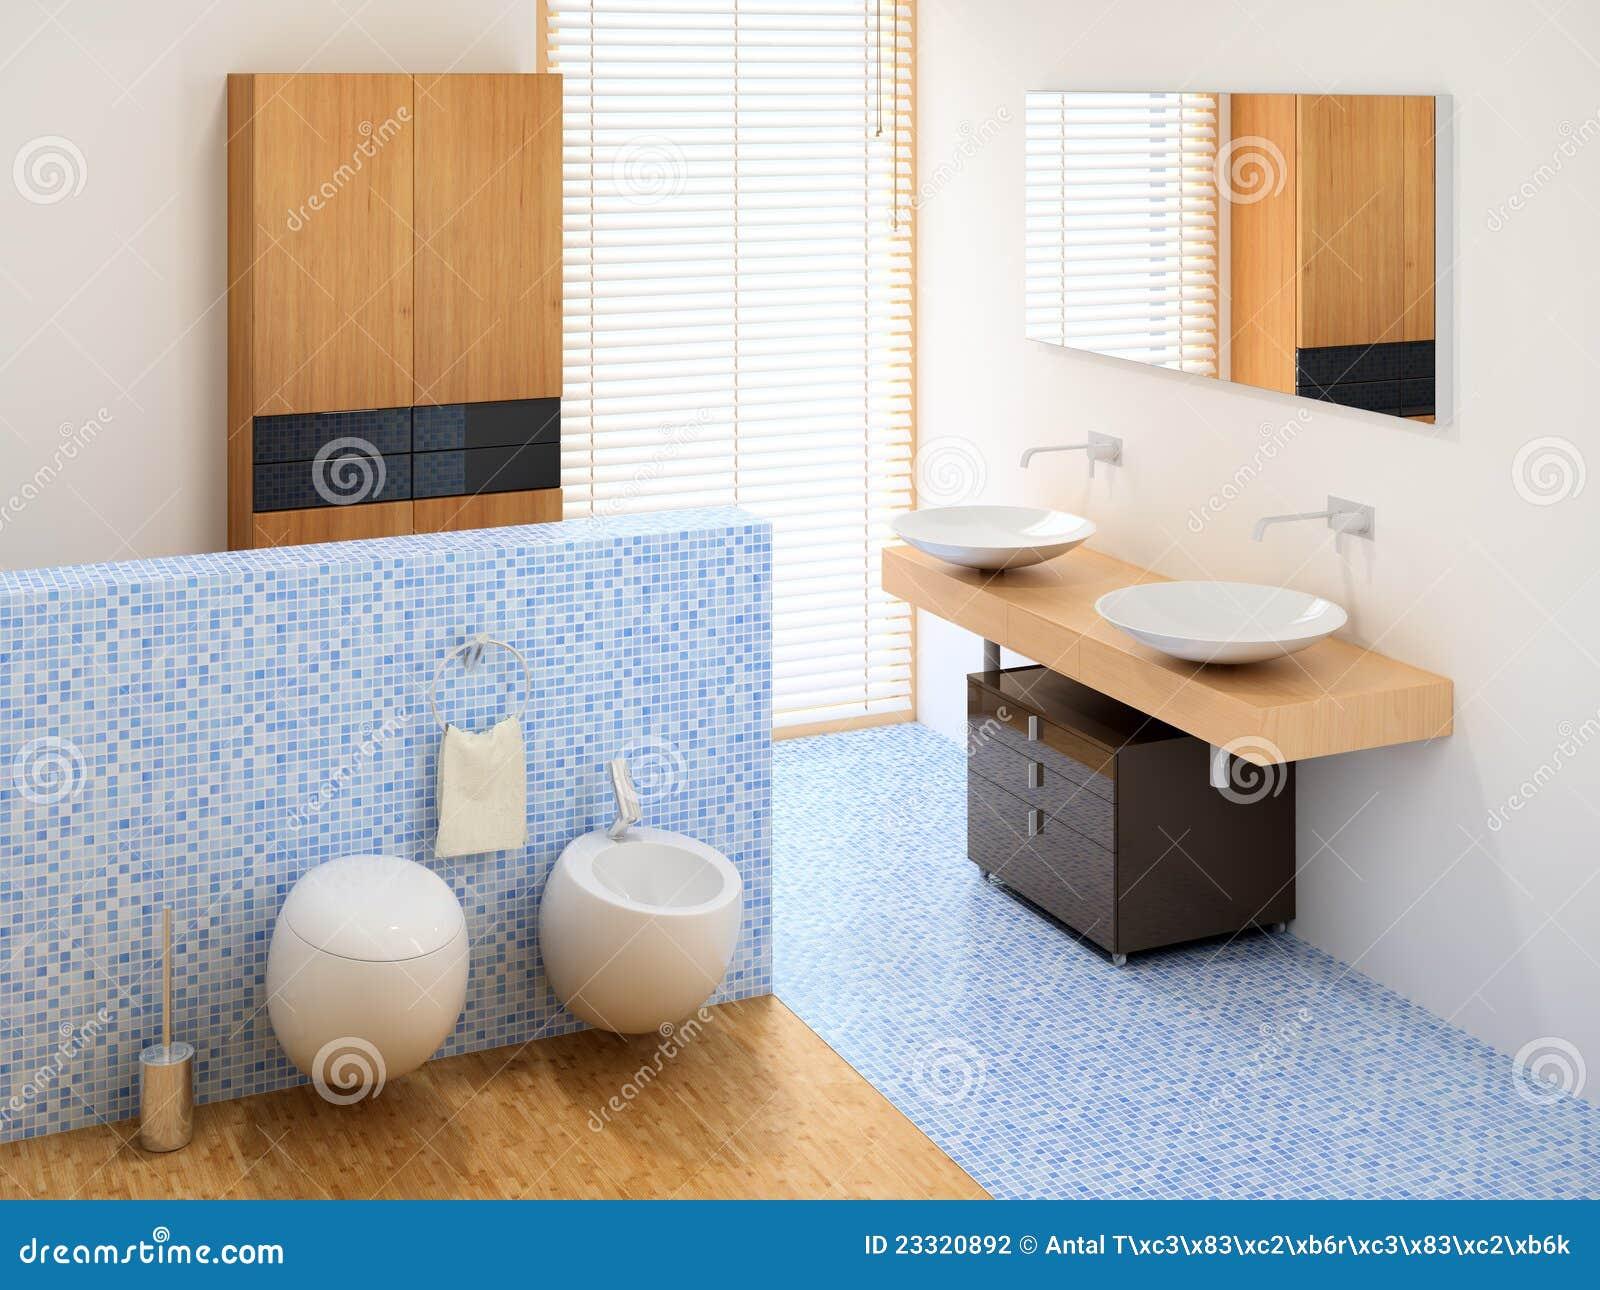 20170402&124825_Kleine Nieuwe Badkamer ~ Kleine moderne badkamers met inbegrip van garderobe, bassins en toilet